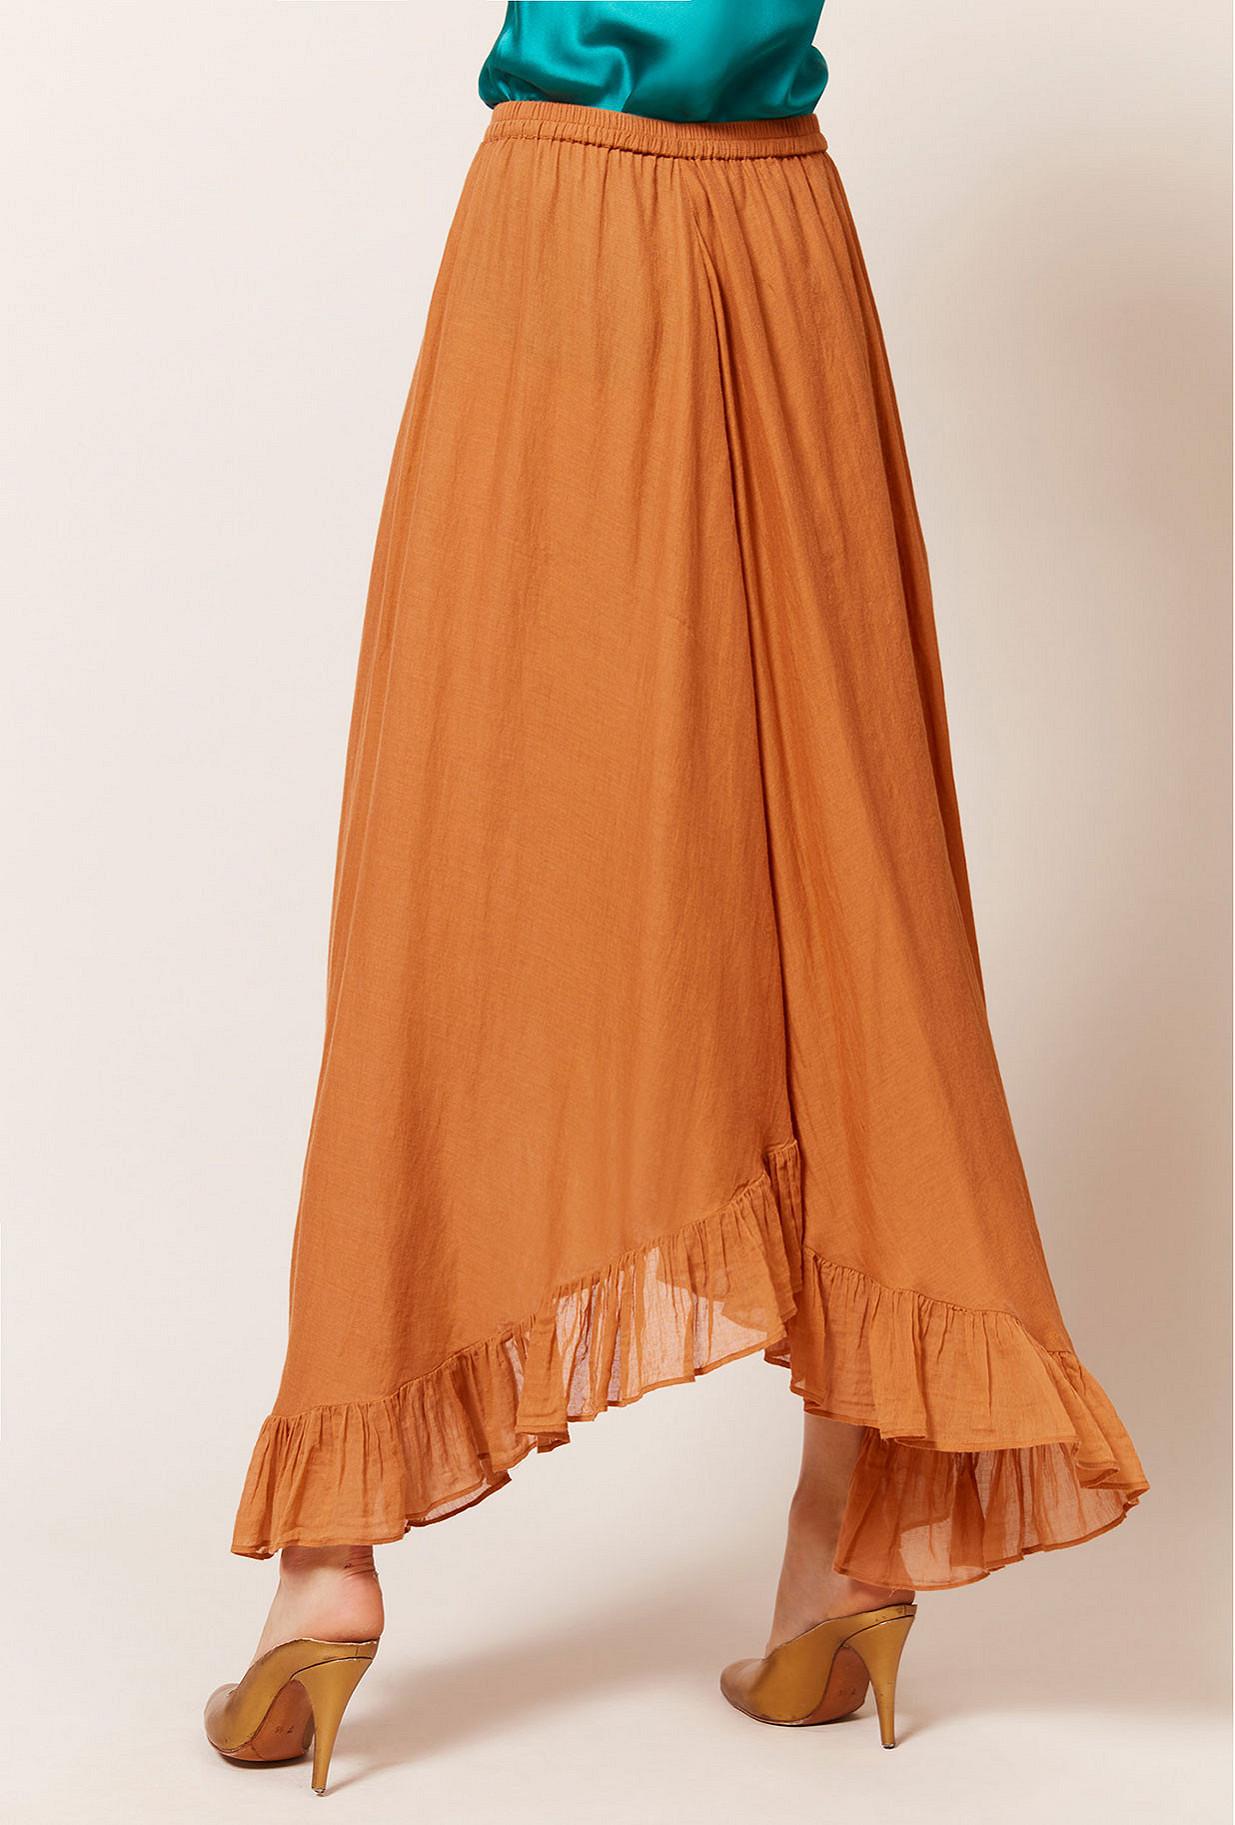 Terracotta  Skirt  Otello Mes demoiselles fashion clothes designer Paris